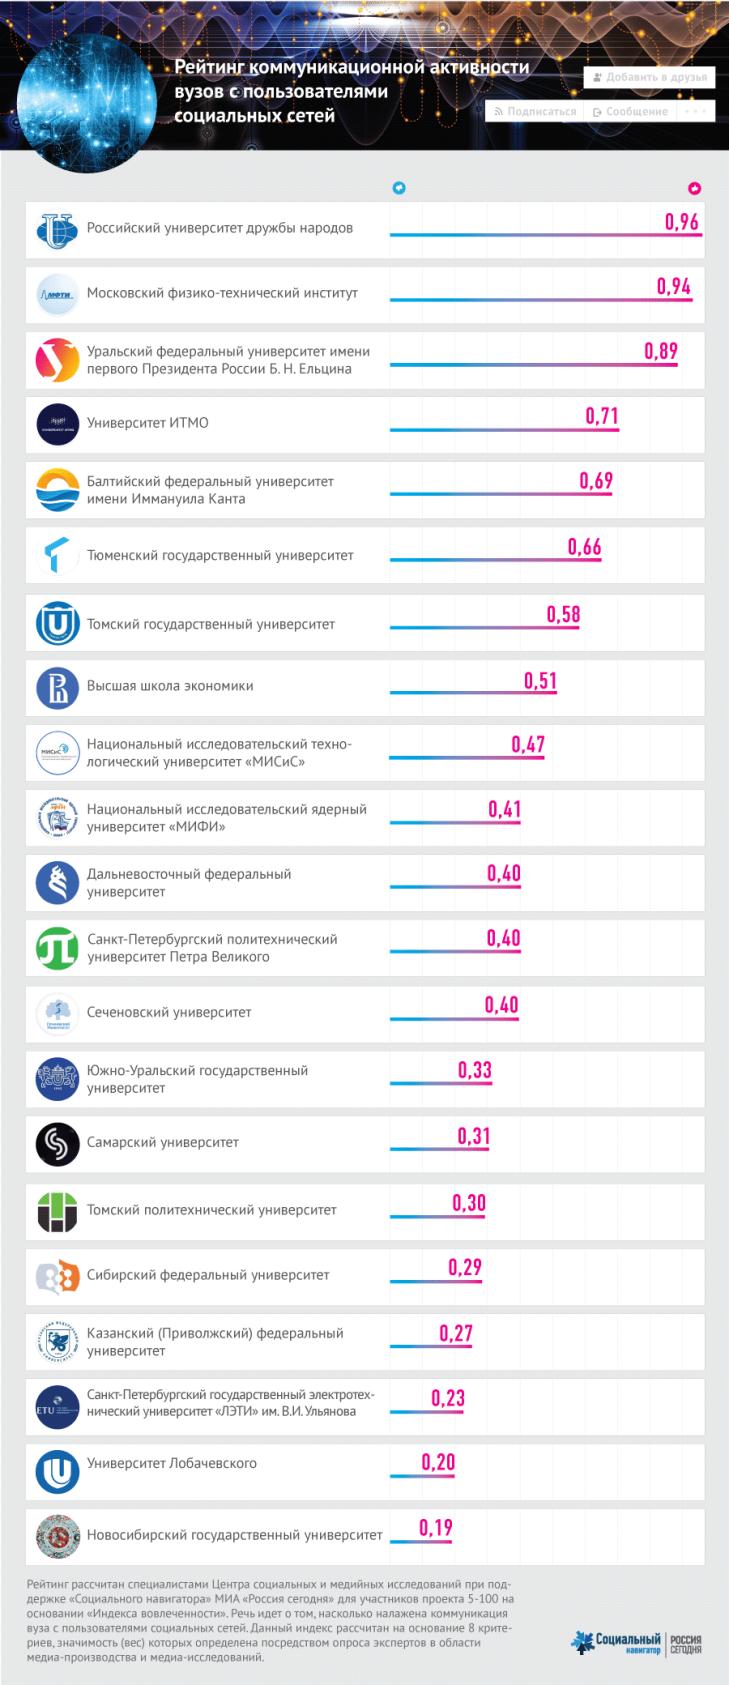 Рейтинг активности вузов с пользователями в социальных сетях